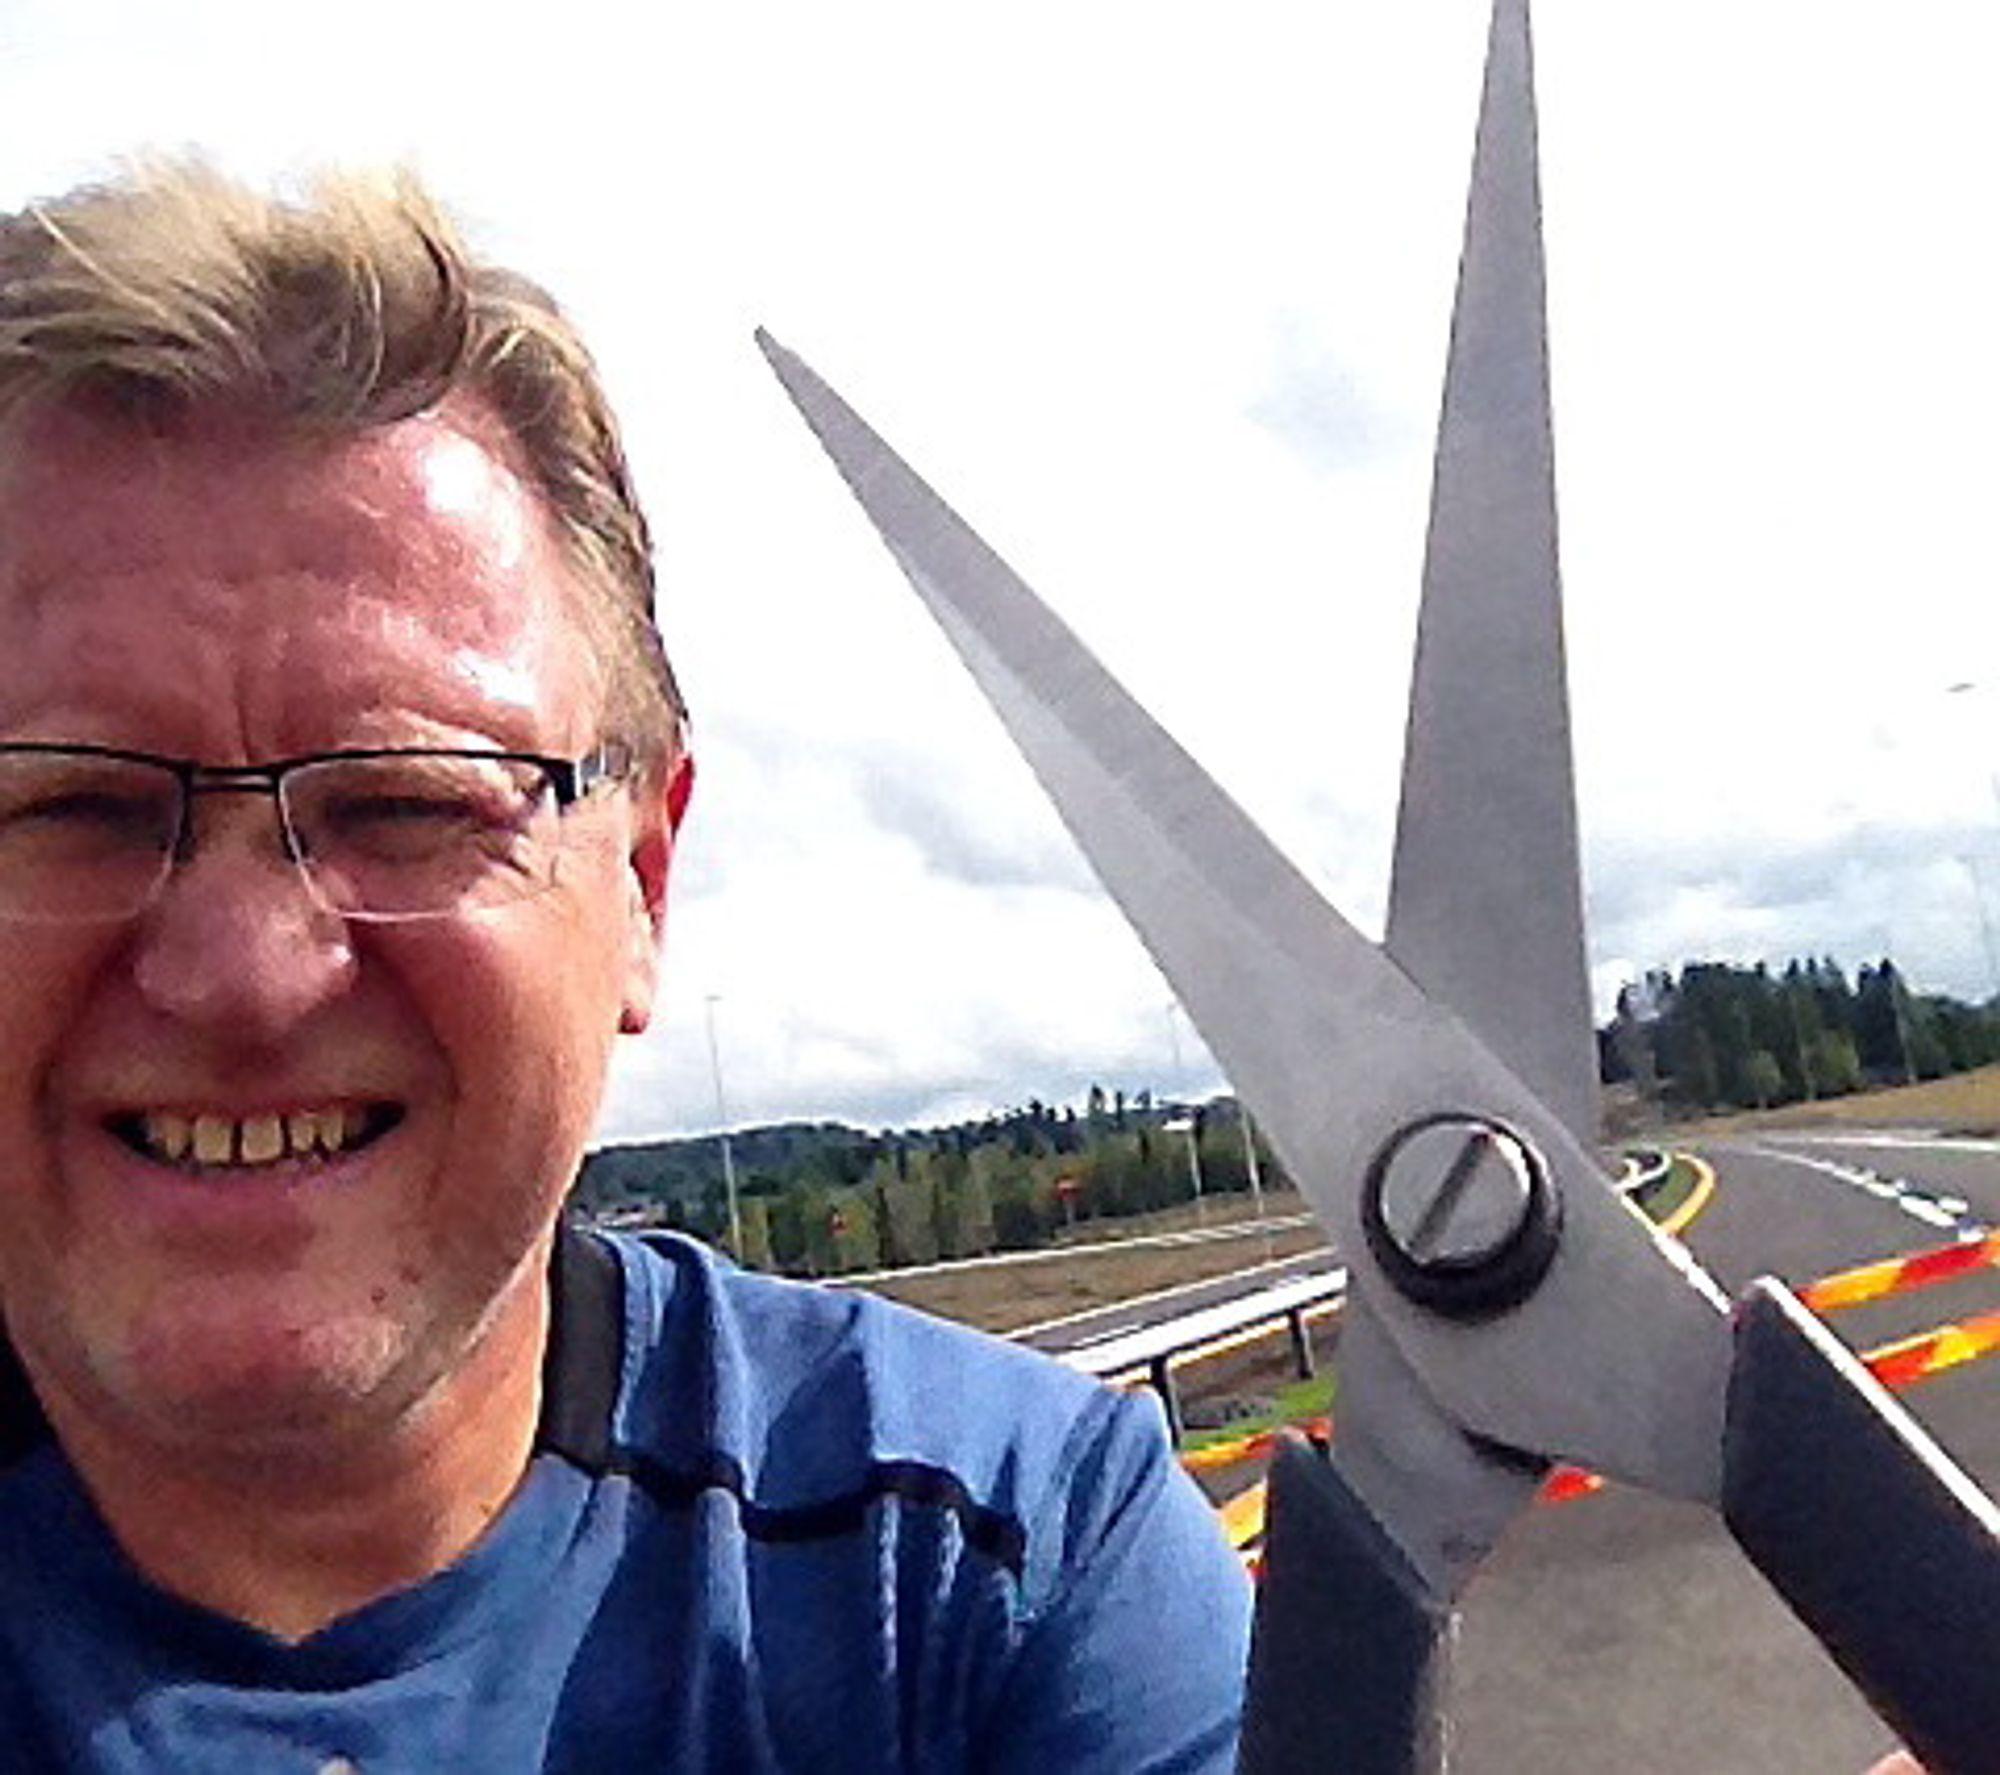 Ordfører Erik Unaas tok med seg rulleskiene og saksa for å liksomåpne E18 på den planlagte, men nå altså avlyste åpningsdagen. Han tok denne selfien.